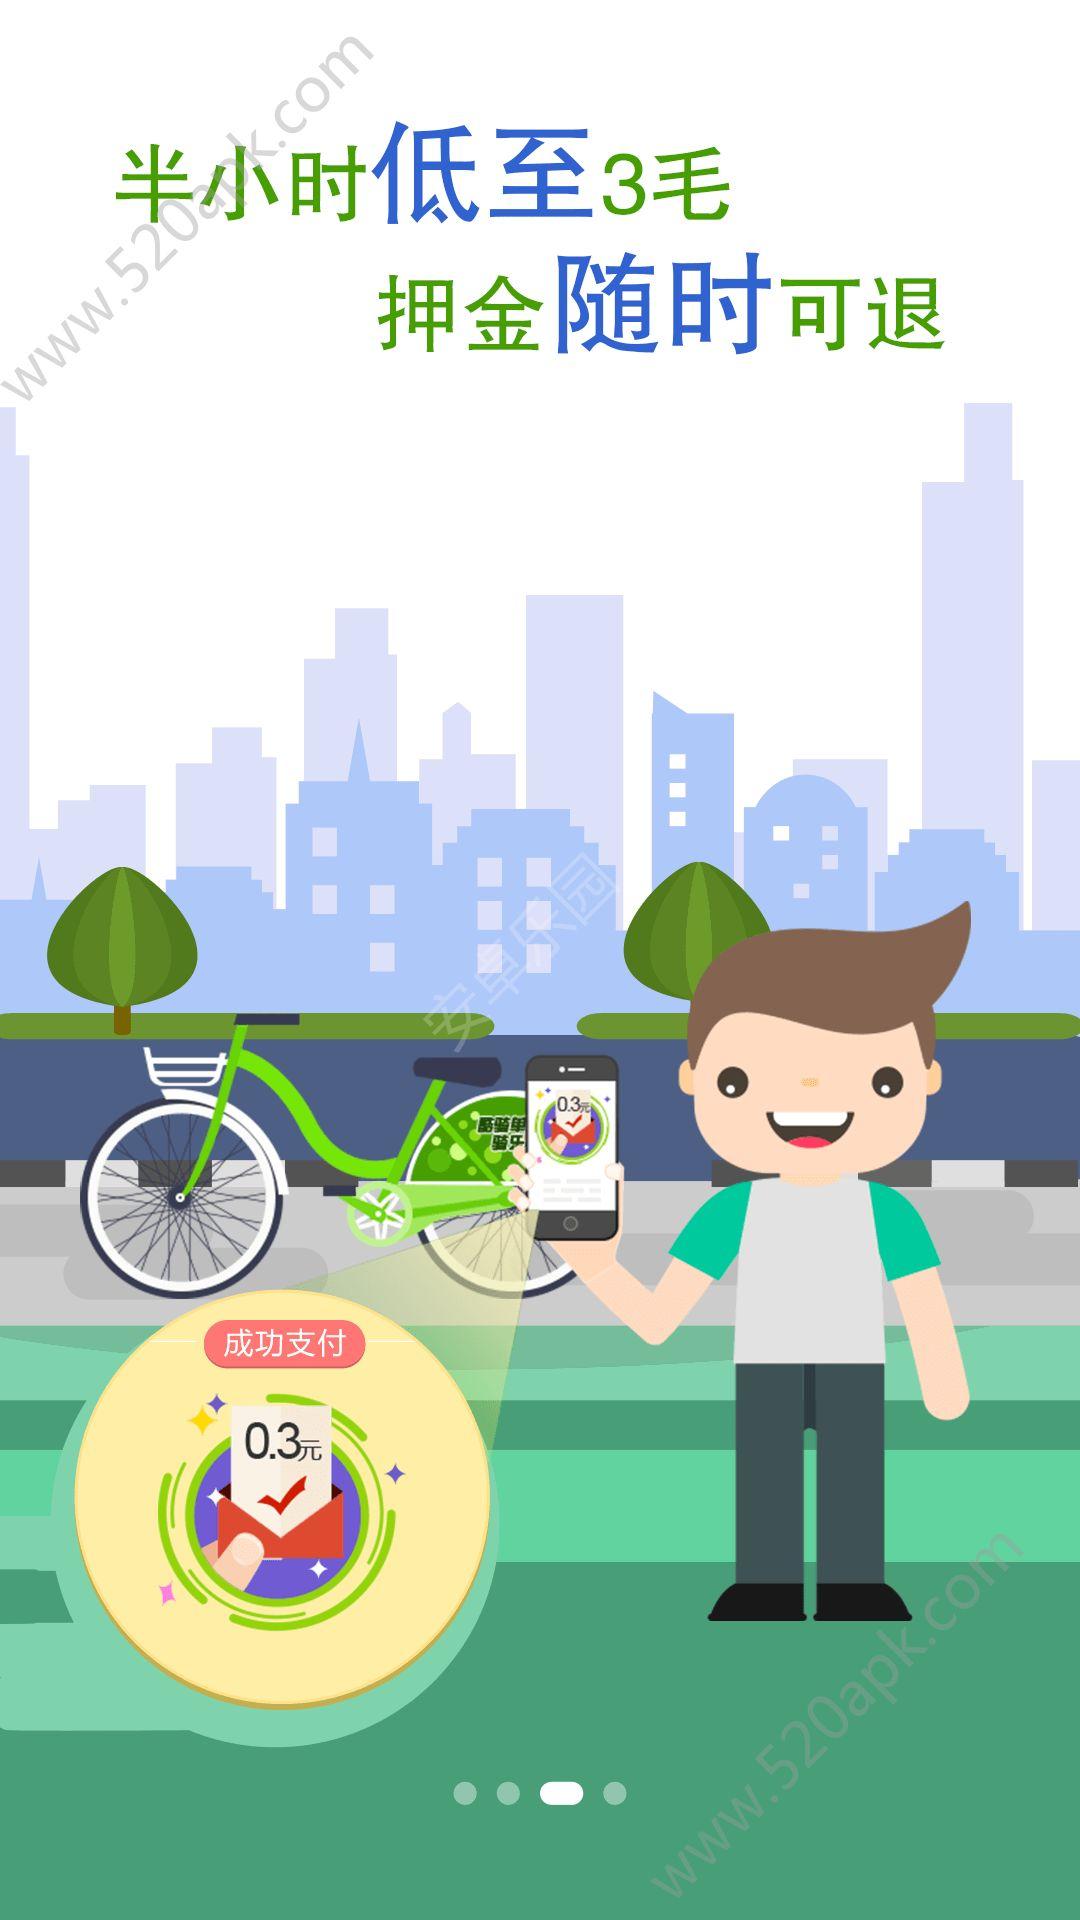 沈阳共享单车的收费情况是怎样的?沈阳共享单车的收费情况[图]图片1